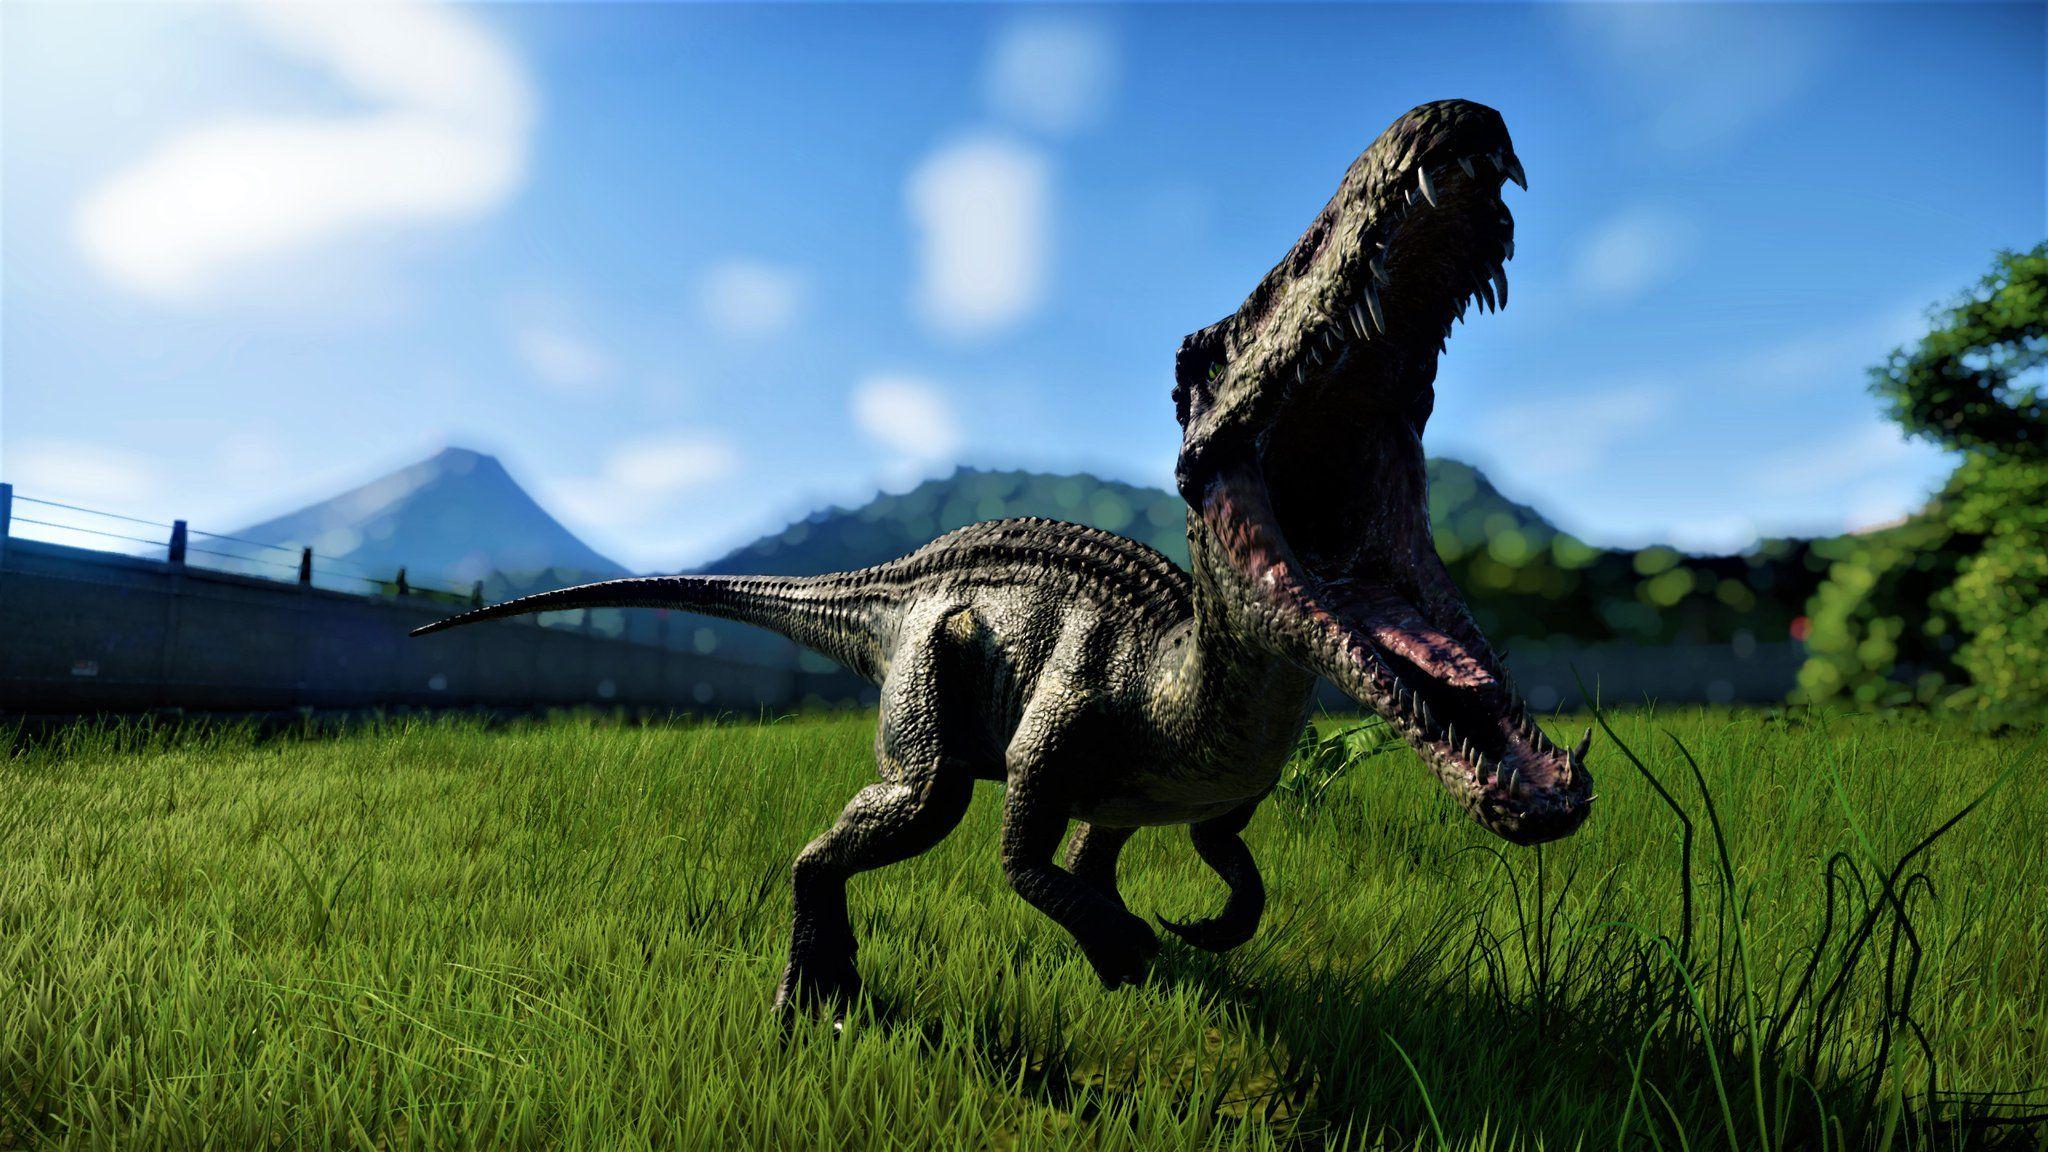 R L F F On Twitter Jurassic Park World Jurassic World Jurassic Park